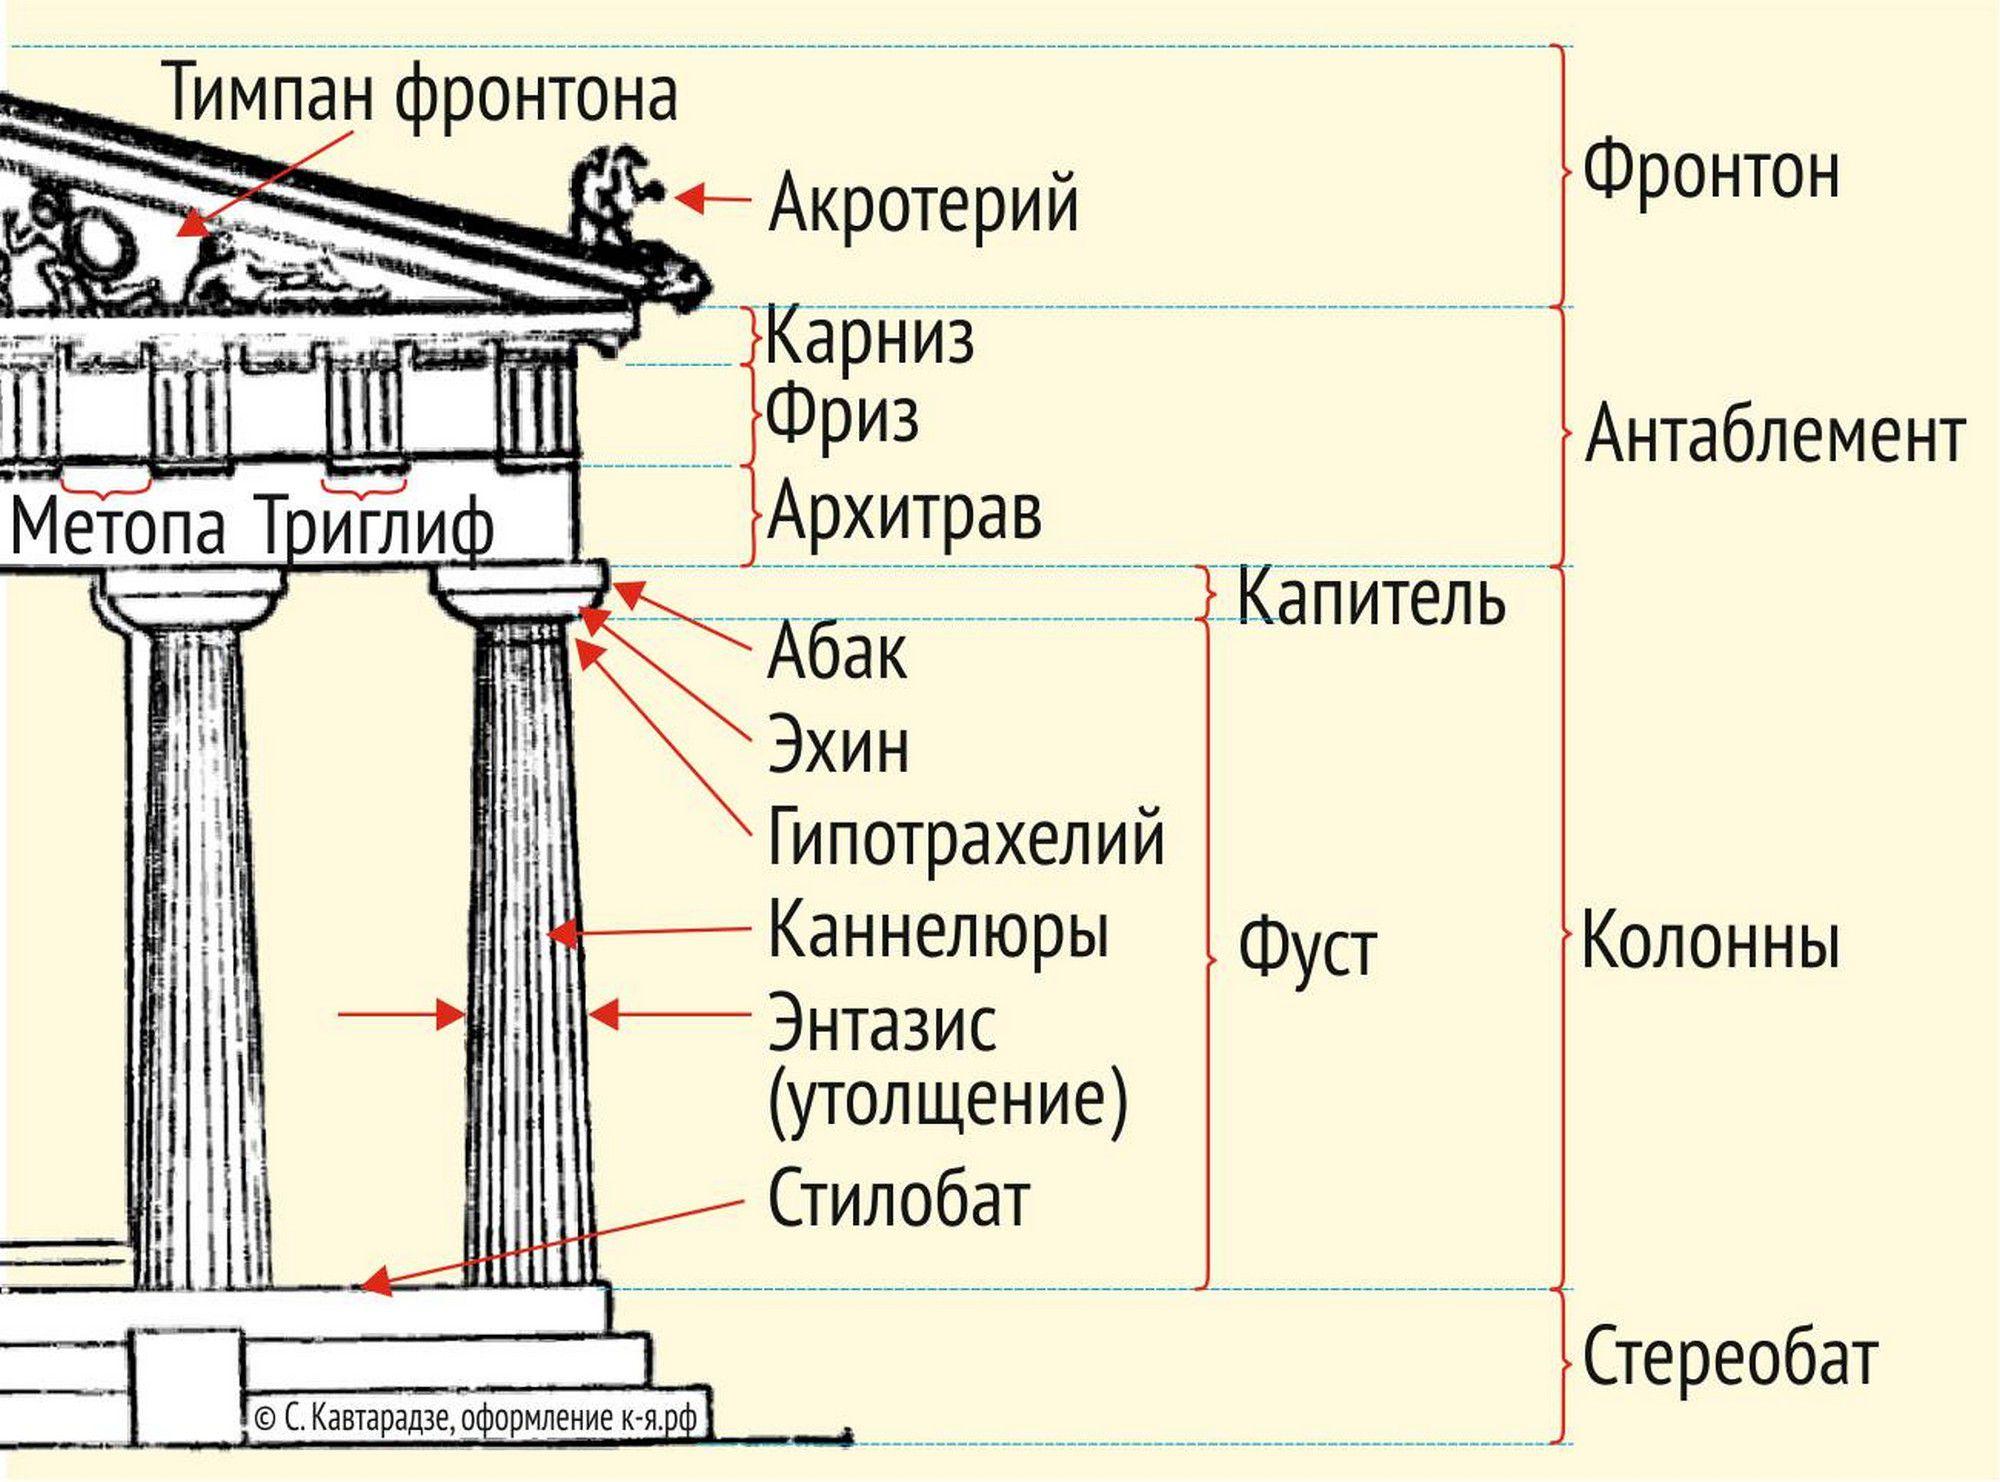 Структура дорического ордера